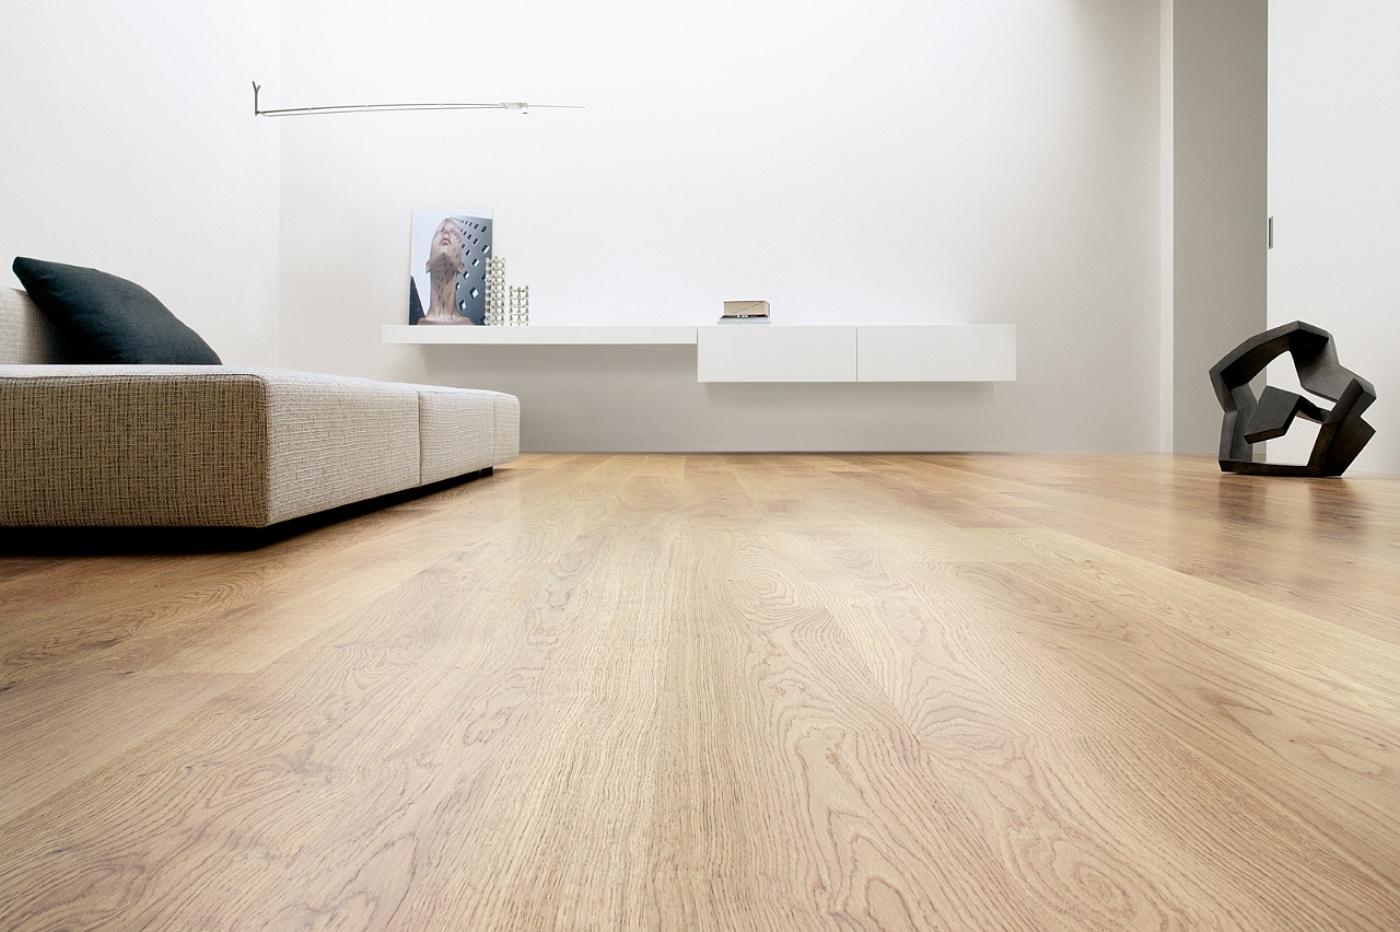 Listone giordano plank 190 for Grandi pavimenti del garage